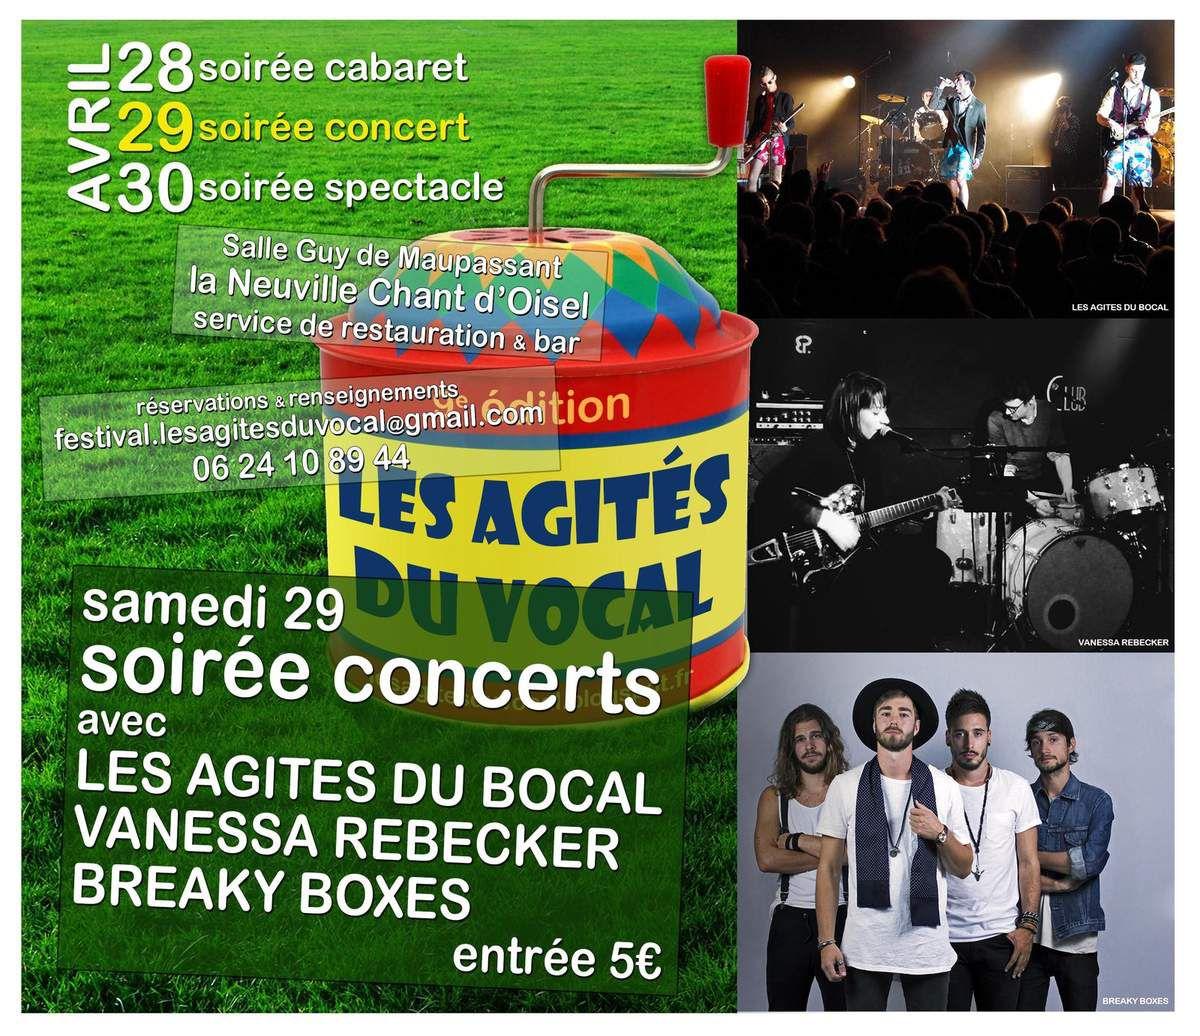 Soirée concerts le 29 avril 2017 à La Neuville Chant d'Oisel